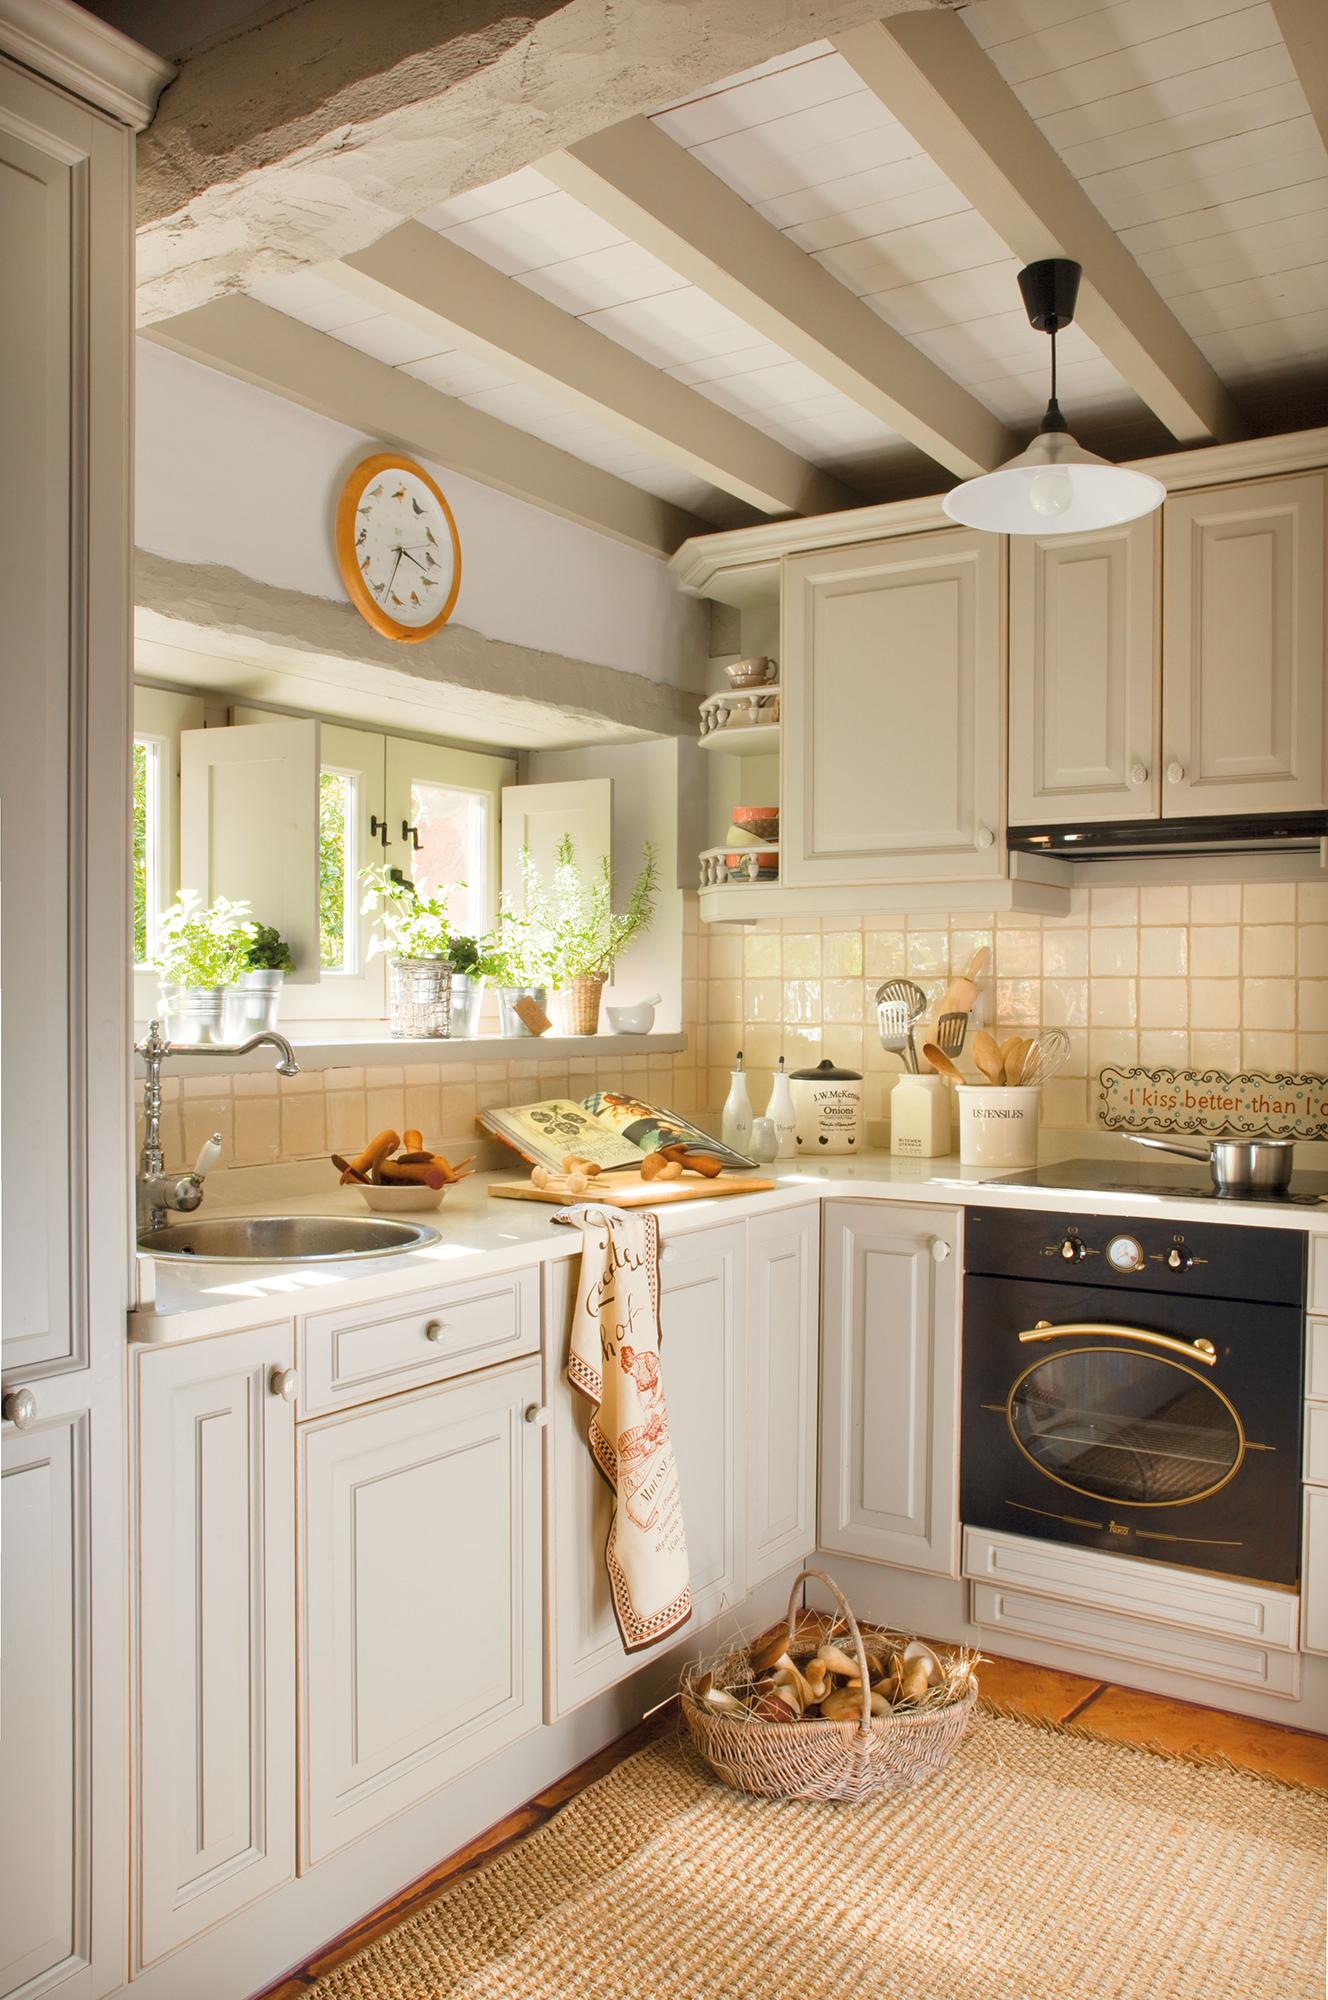 Mejores Muebles De Cocina : Cocinas las mejores de el mueble